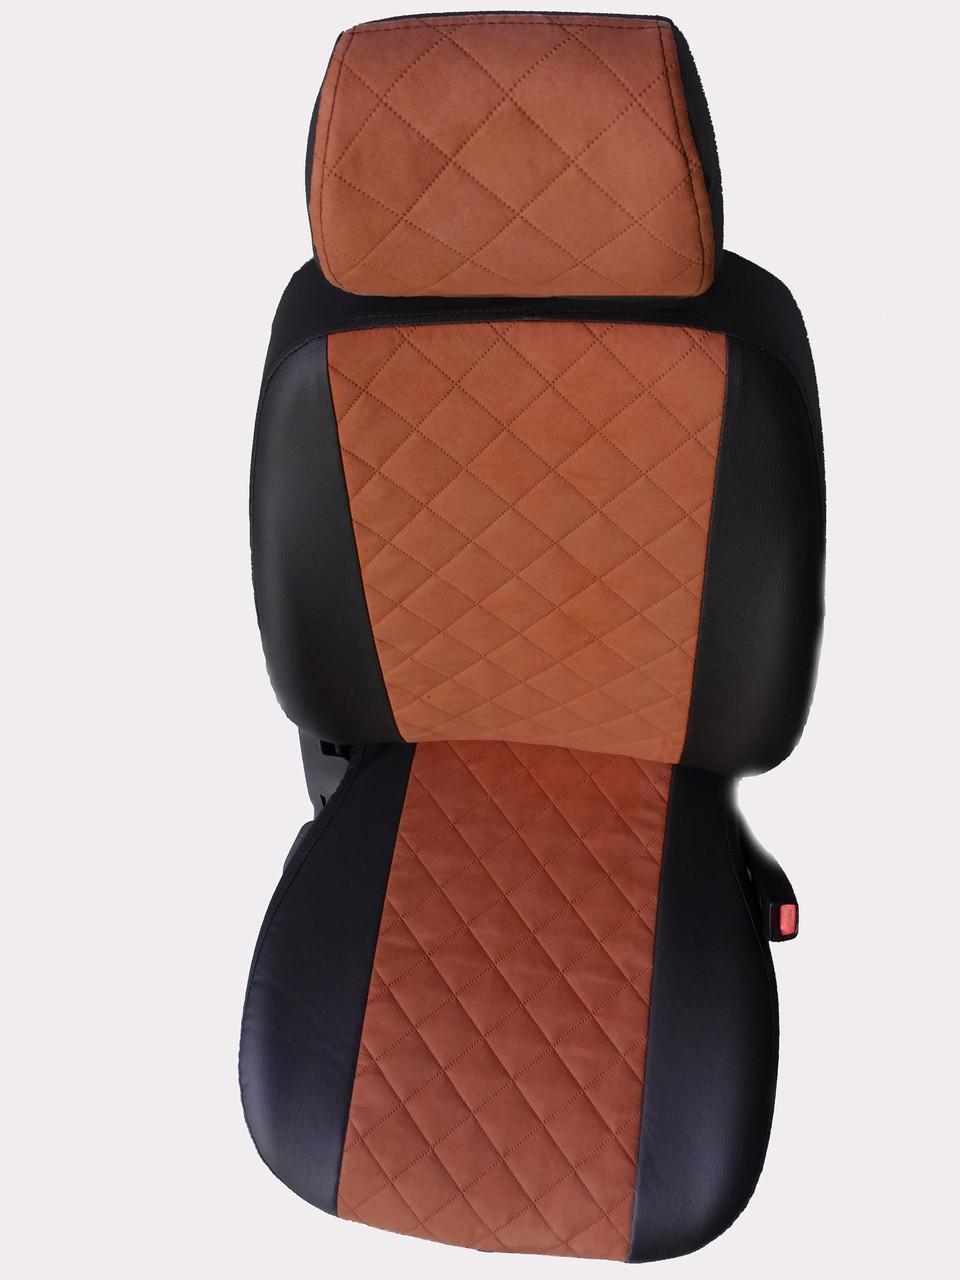 Чехлы на сиденья Ниссан Примера (Nissan Primera) (универсальные, экокожа+Алькантара, с отдельным